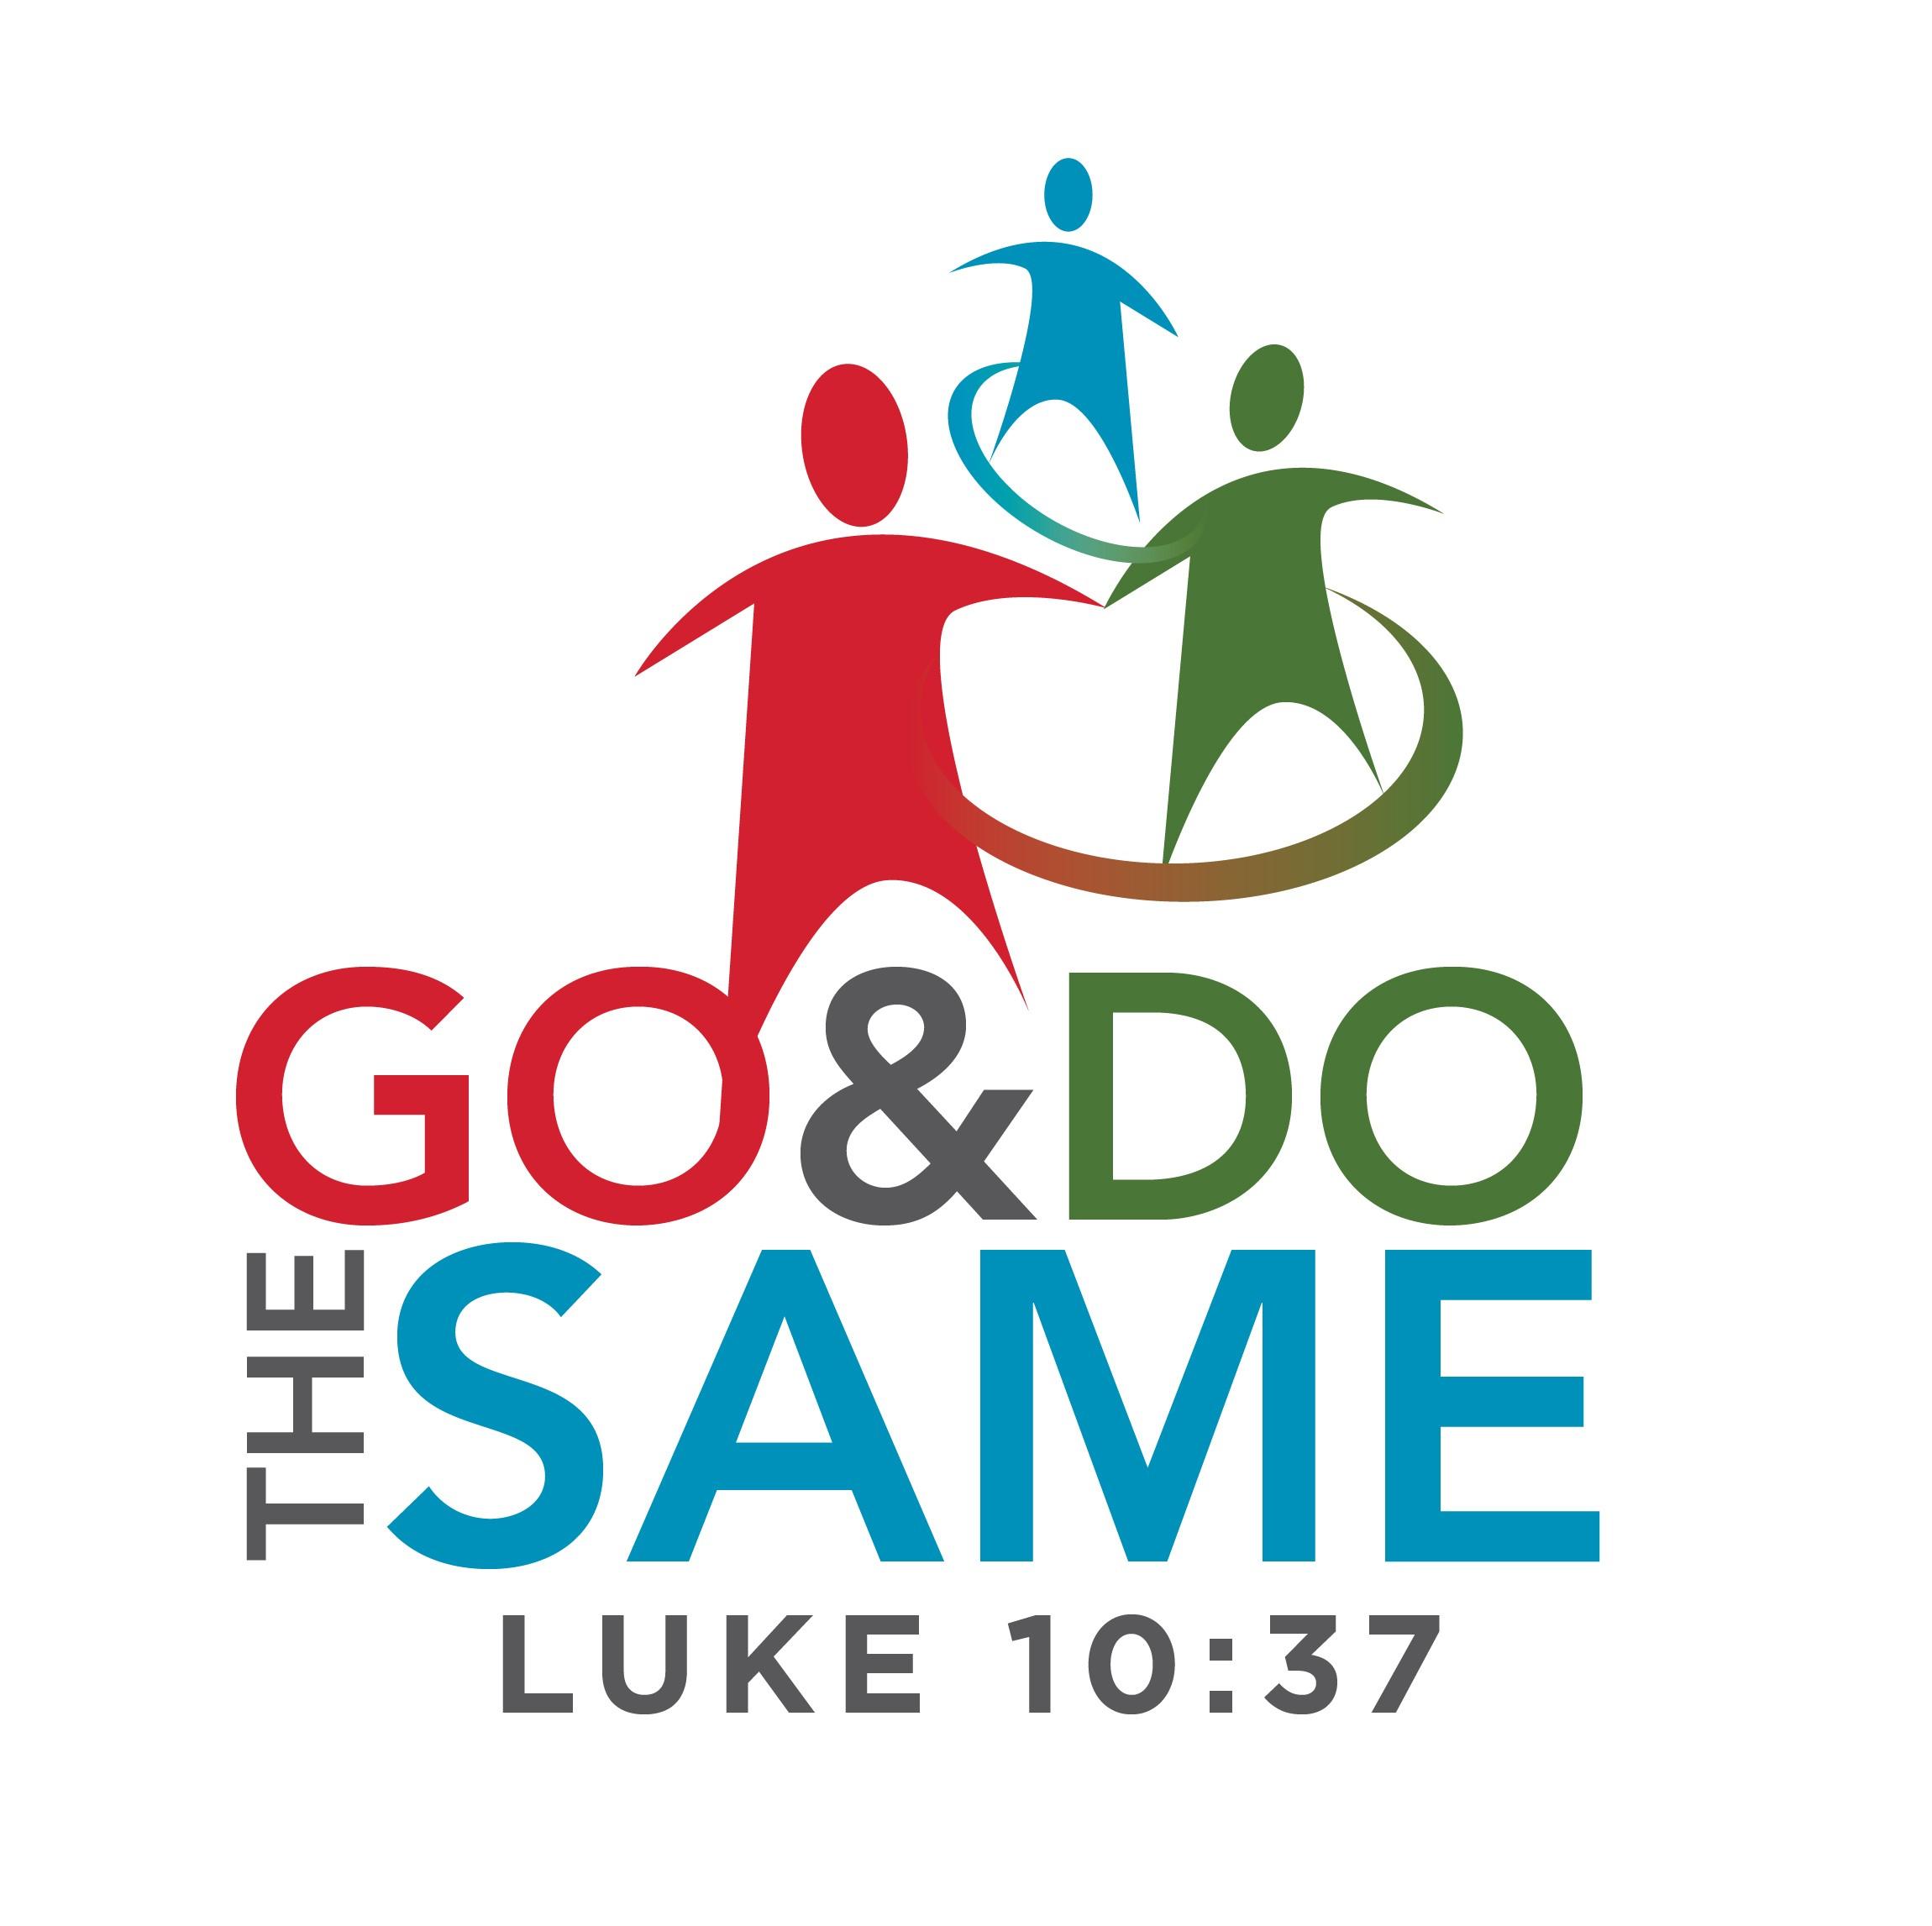 Go & Do the Same